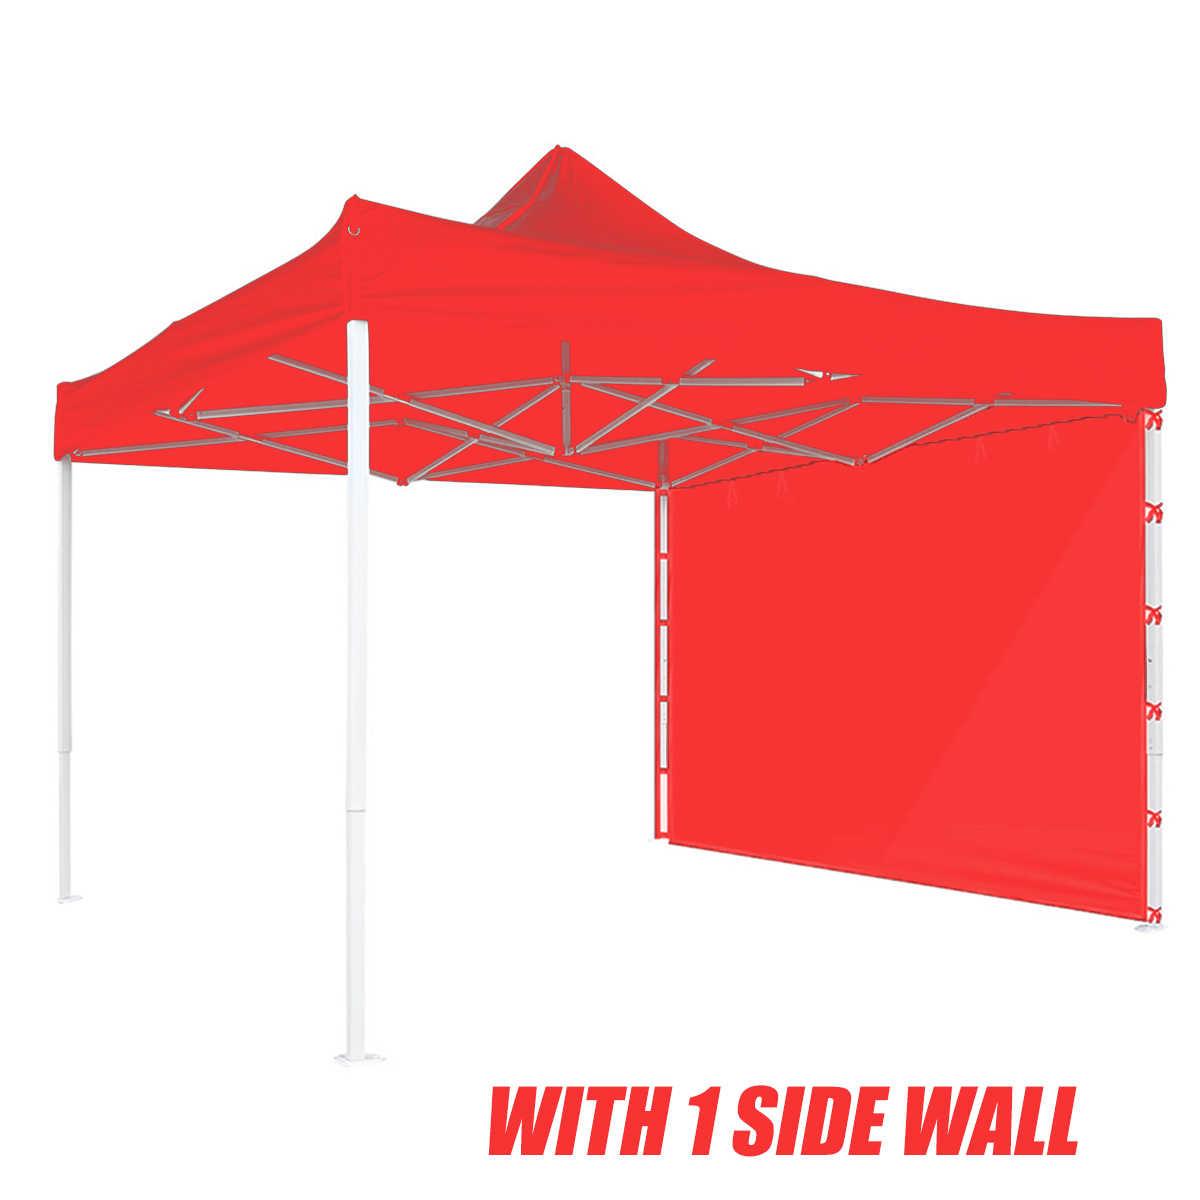 3x3m Oxford Tuch Party Zelt Einzigen Seitenwand Wasserdicht Garten Terrasse Im Freien Baldachin Sonne Wand Sonnenschirm Plane Seitenwand sonnenschirm Rot